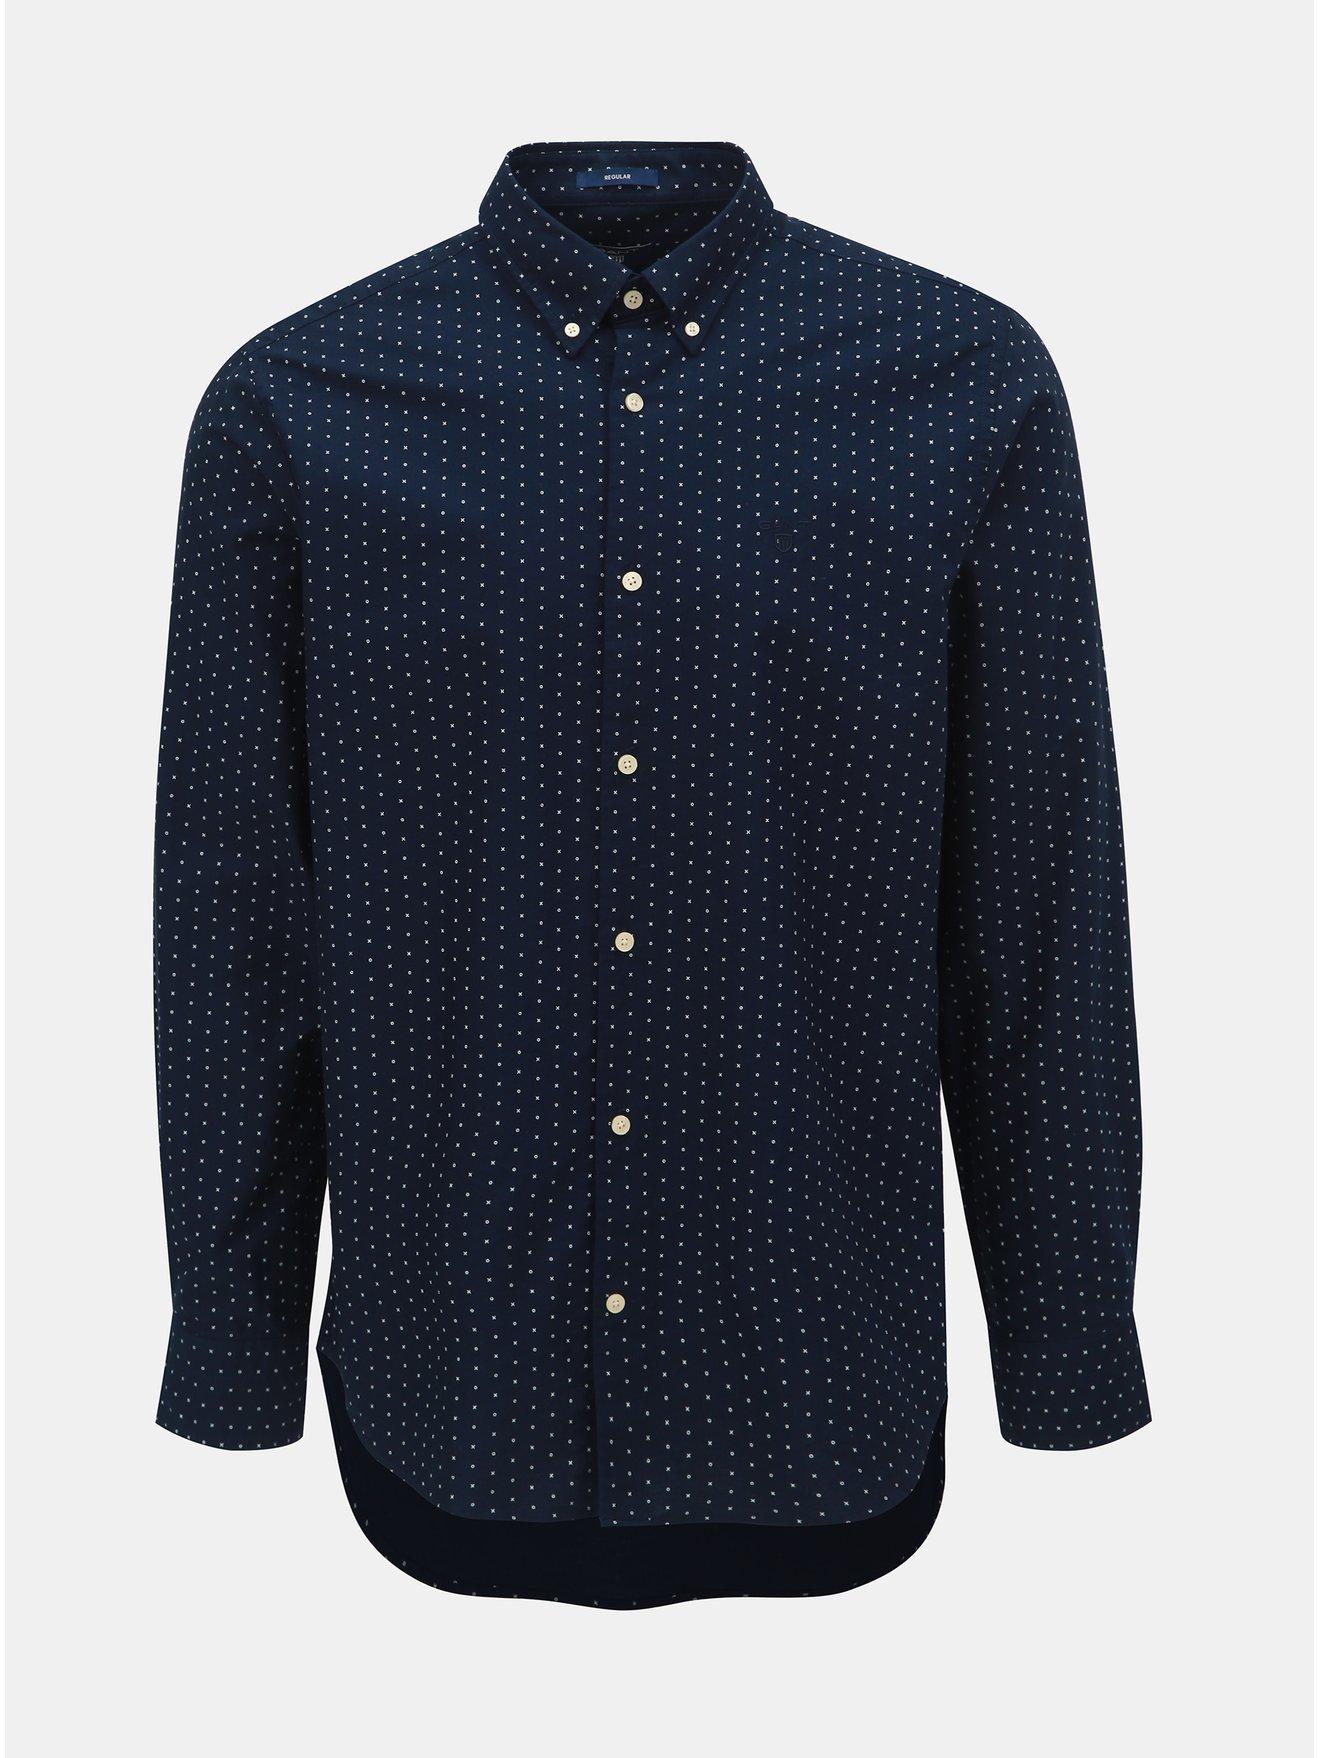 Tmavě modrá pánská vzorovaná regular fit košile GANT 24bf7905a8